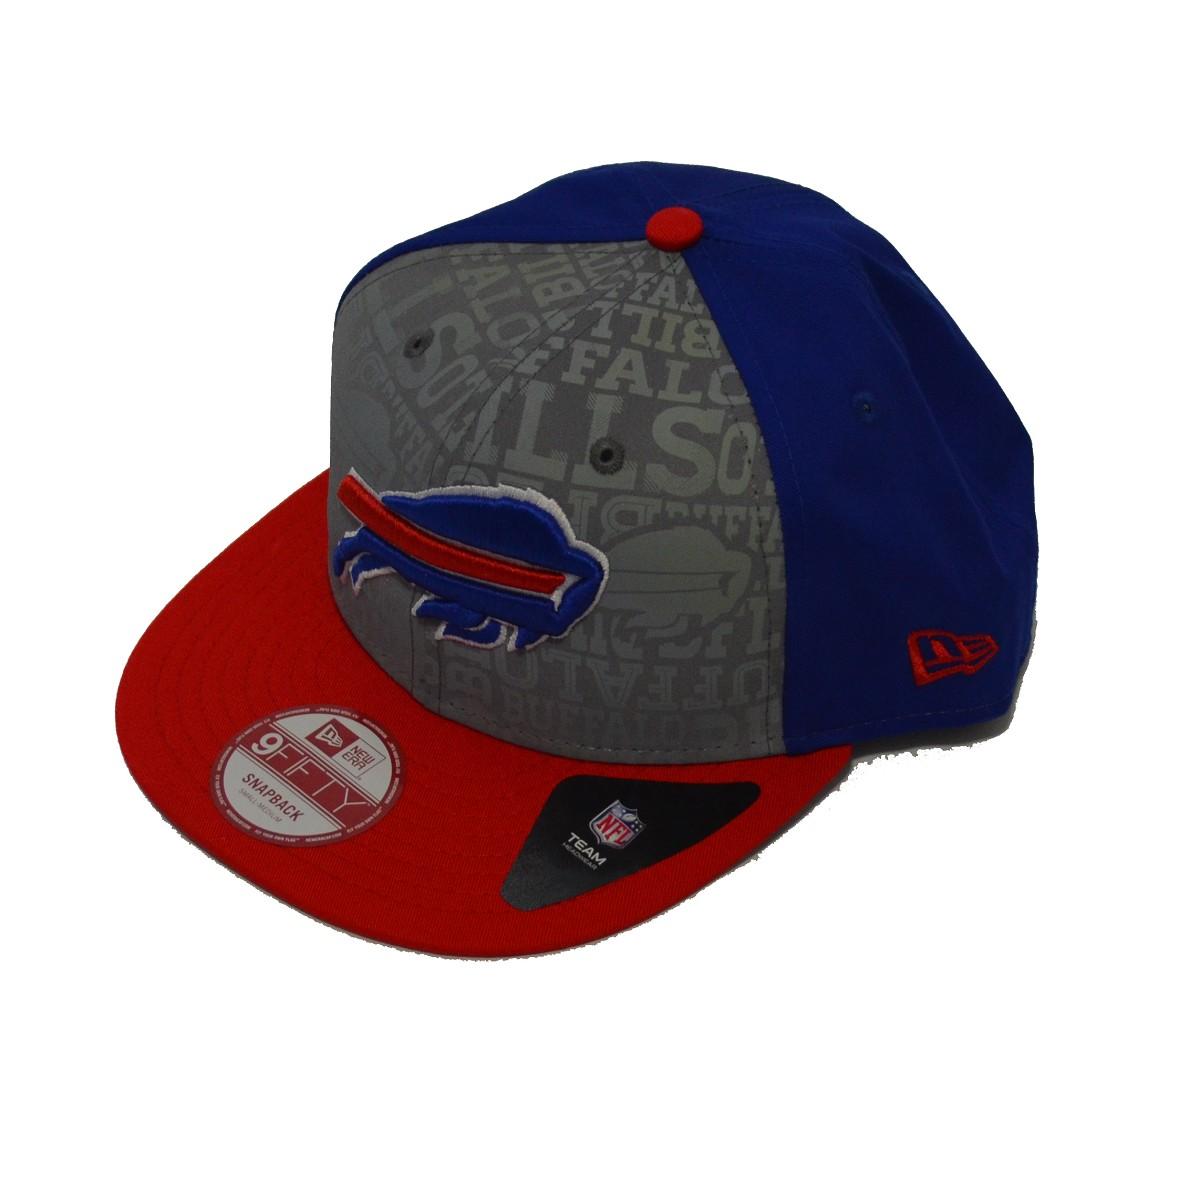 Cappello New Era 9fifty Draft 14 Buffalo Bills 9fifty